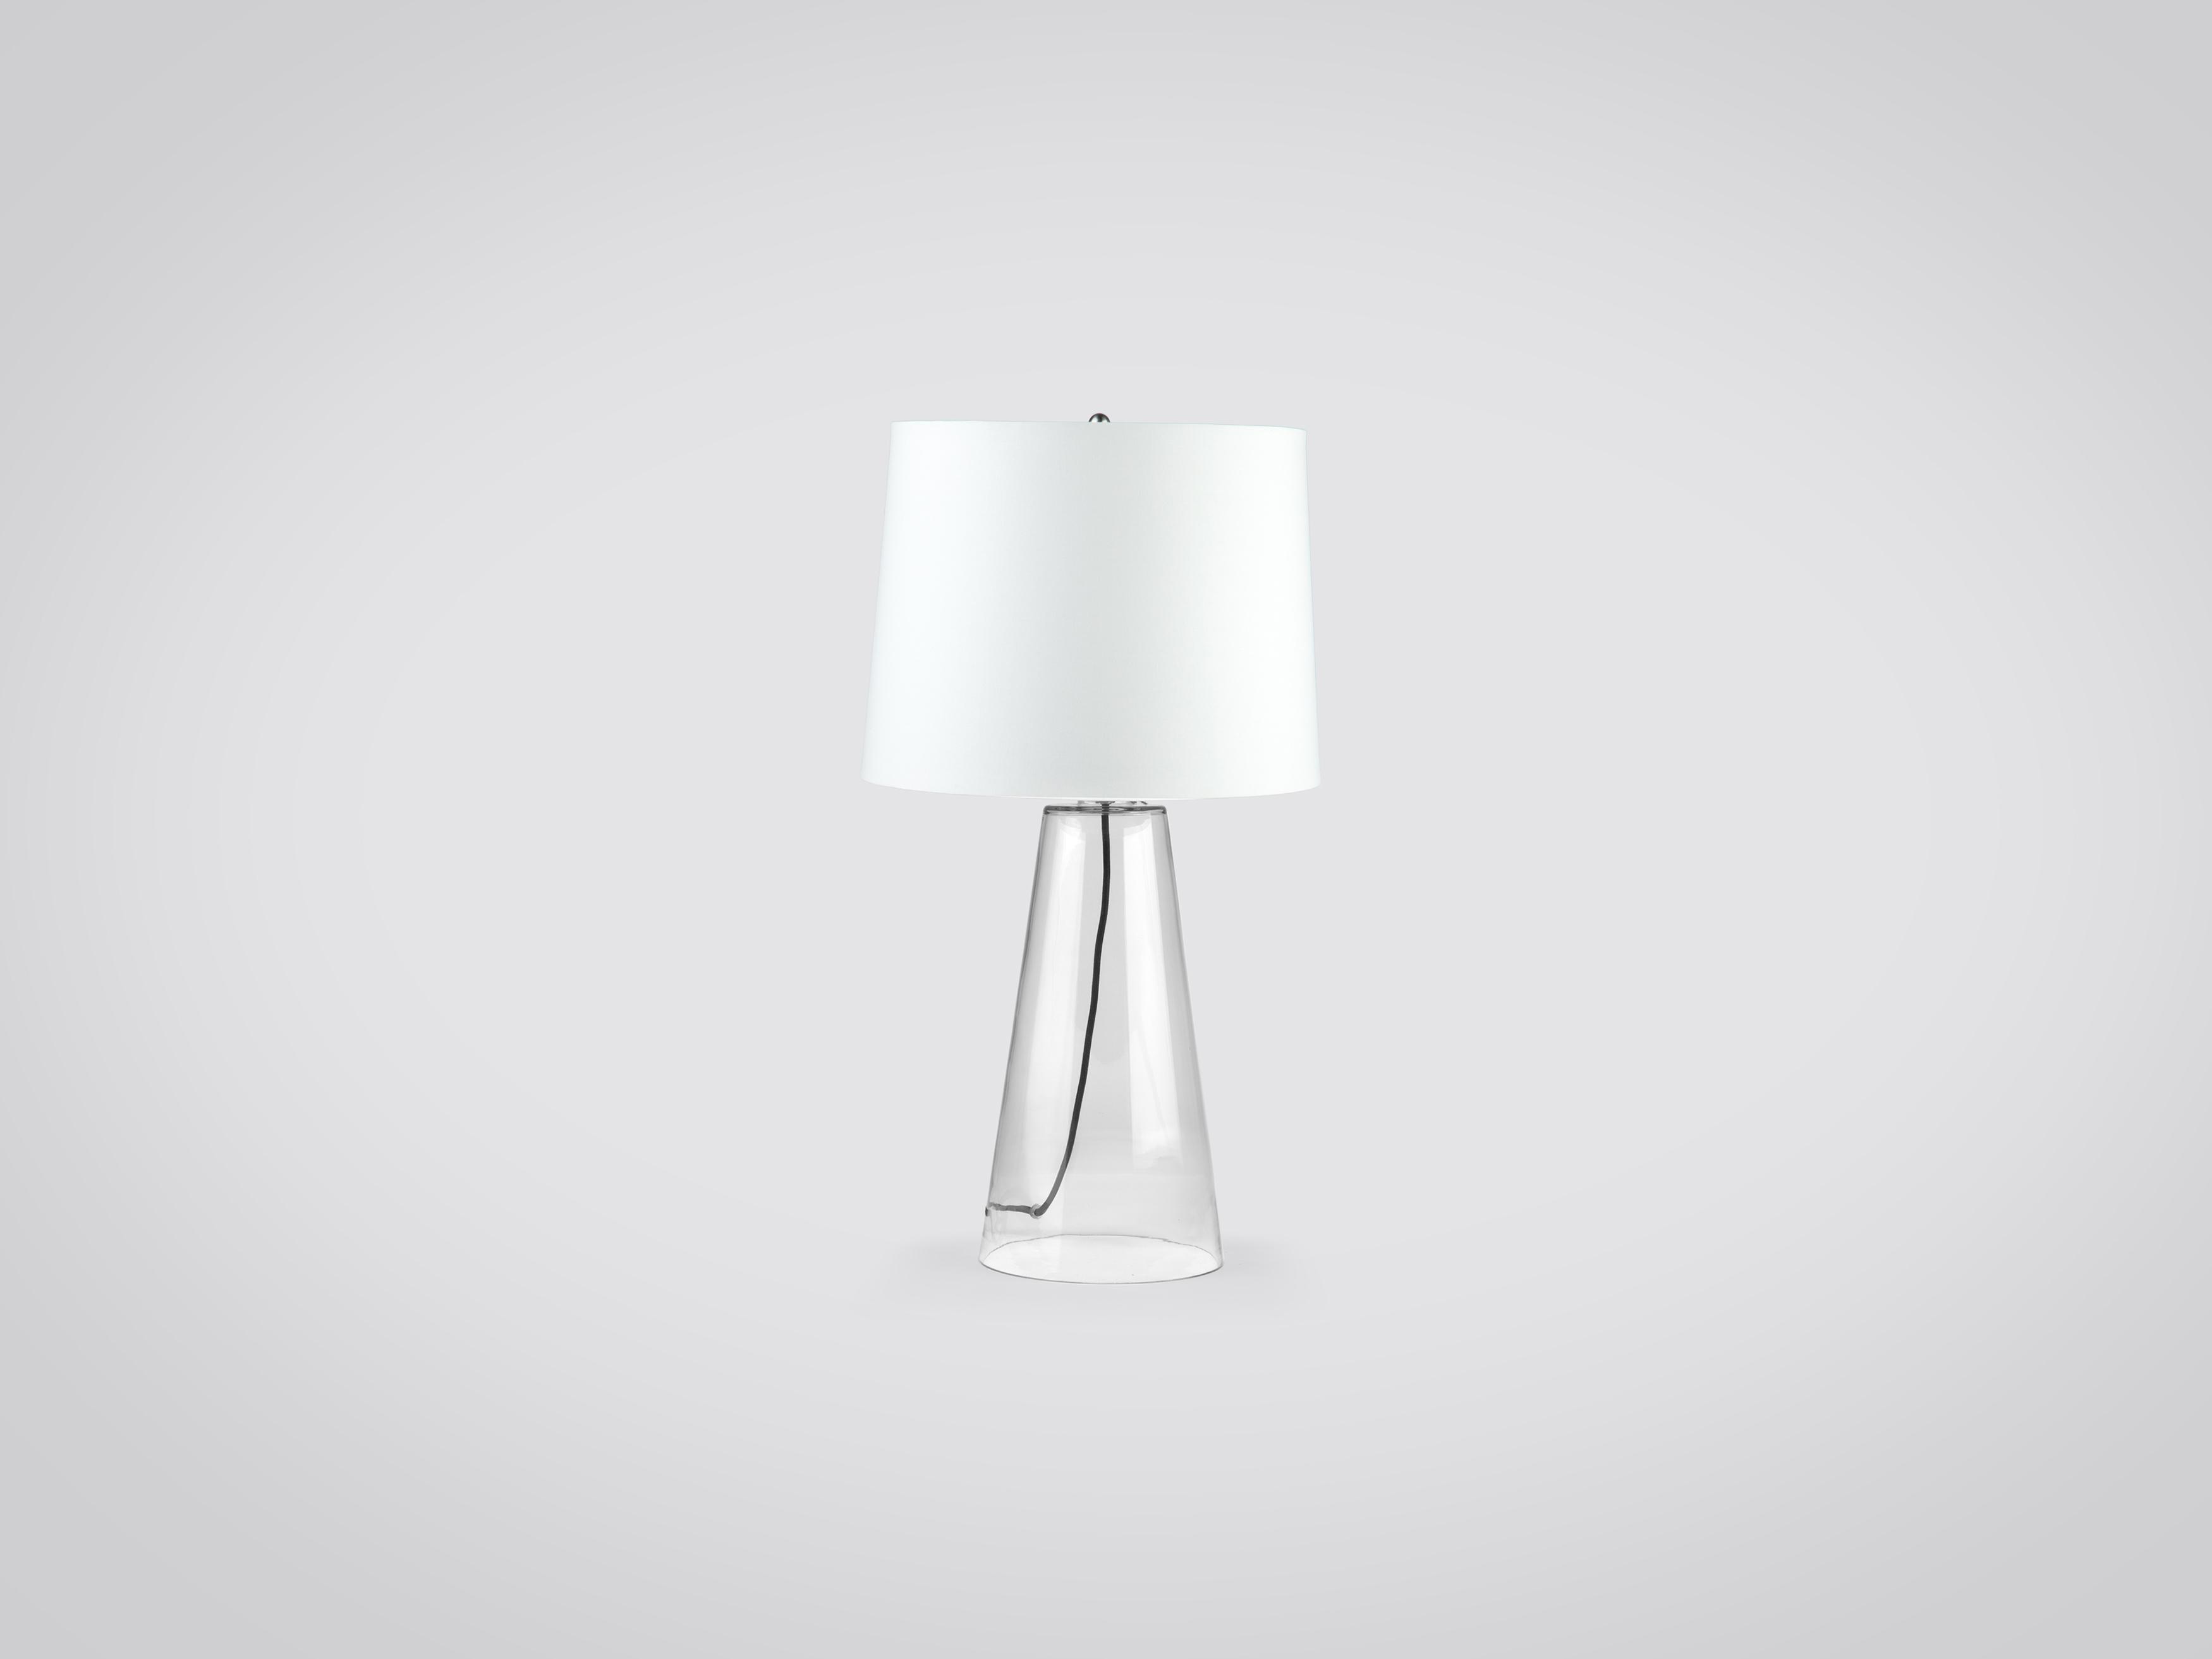 Купить Лампа настольная на ножке из прозрачного стекла, inmyroom, Китай